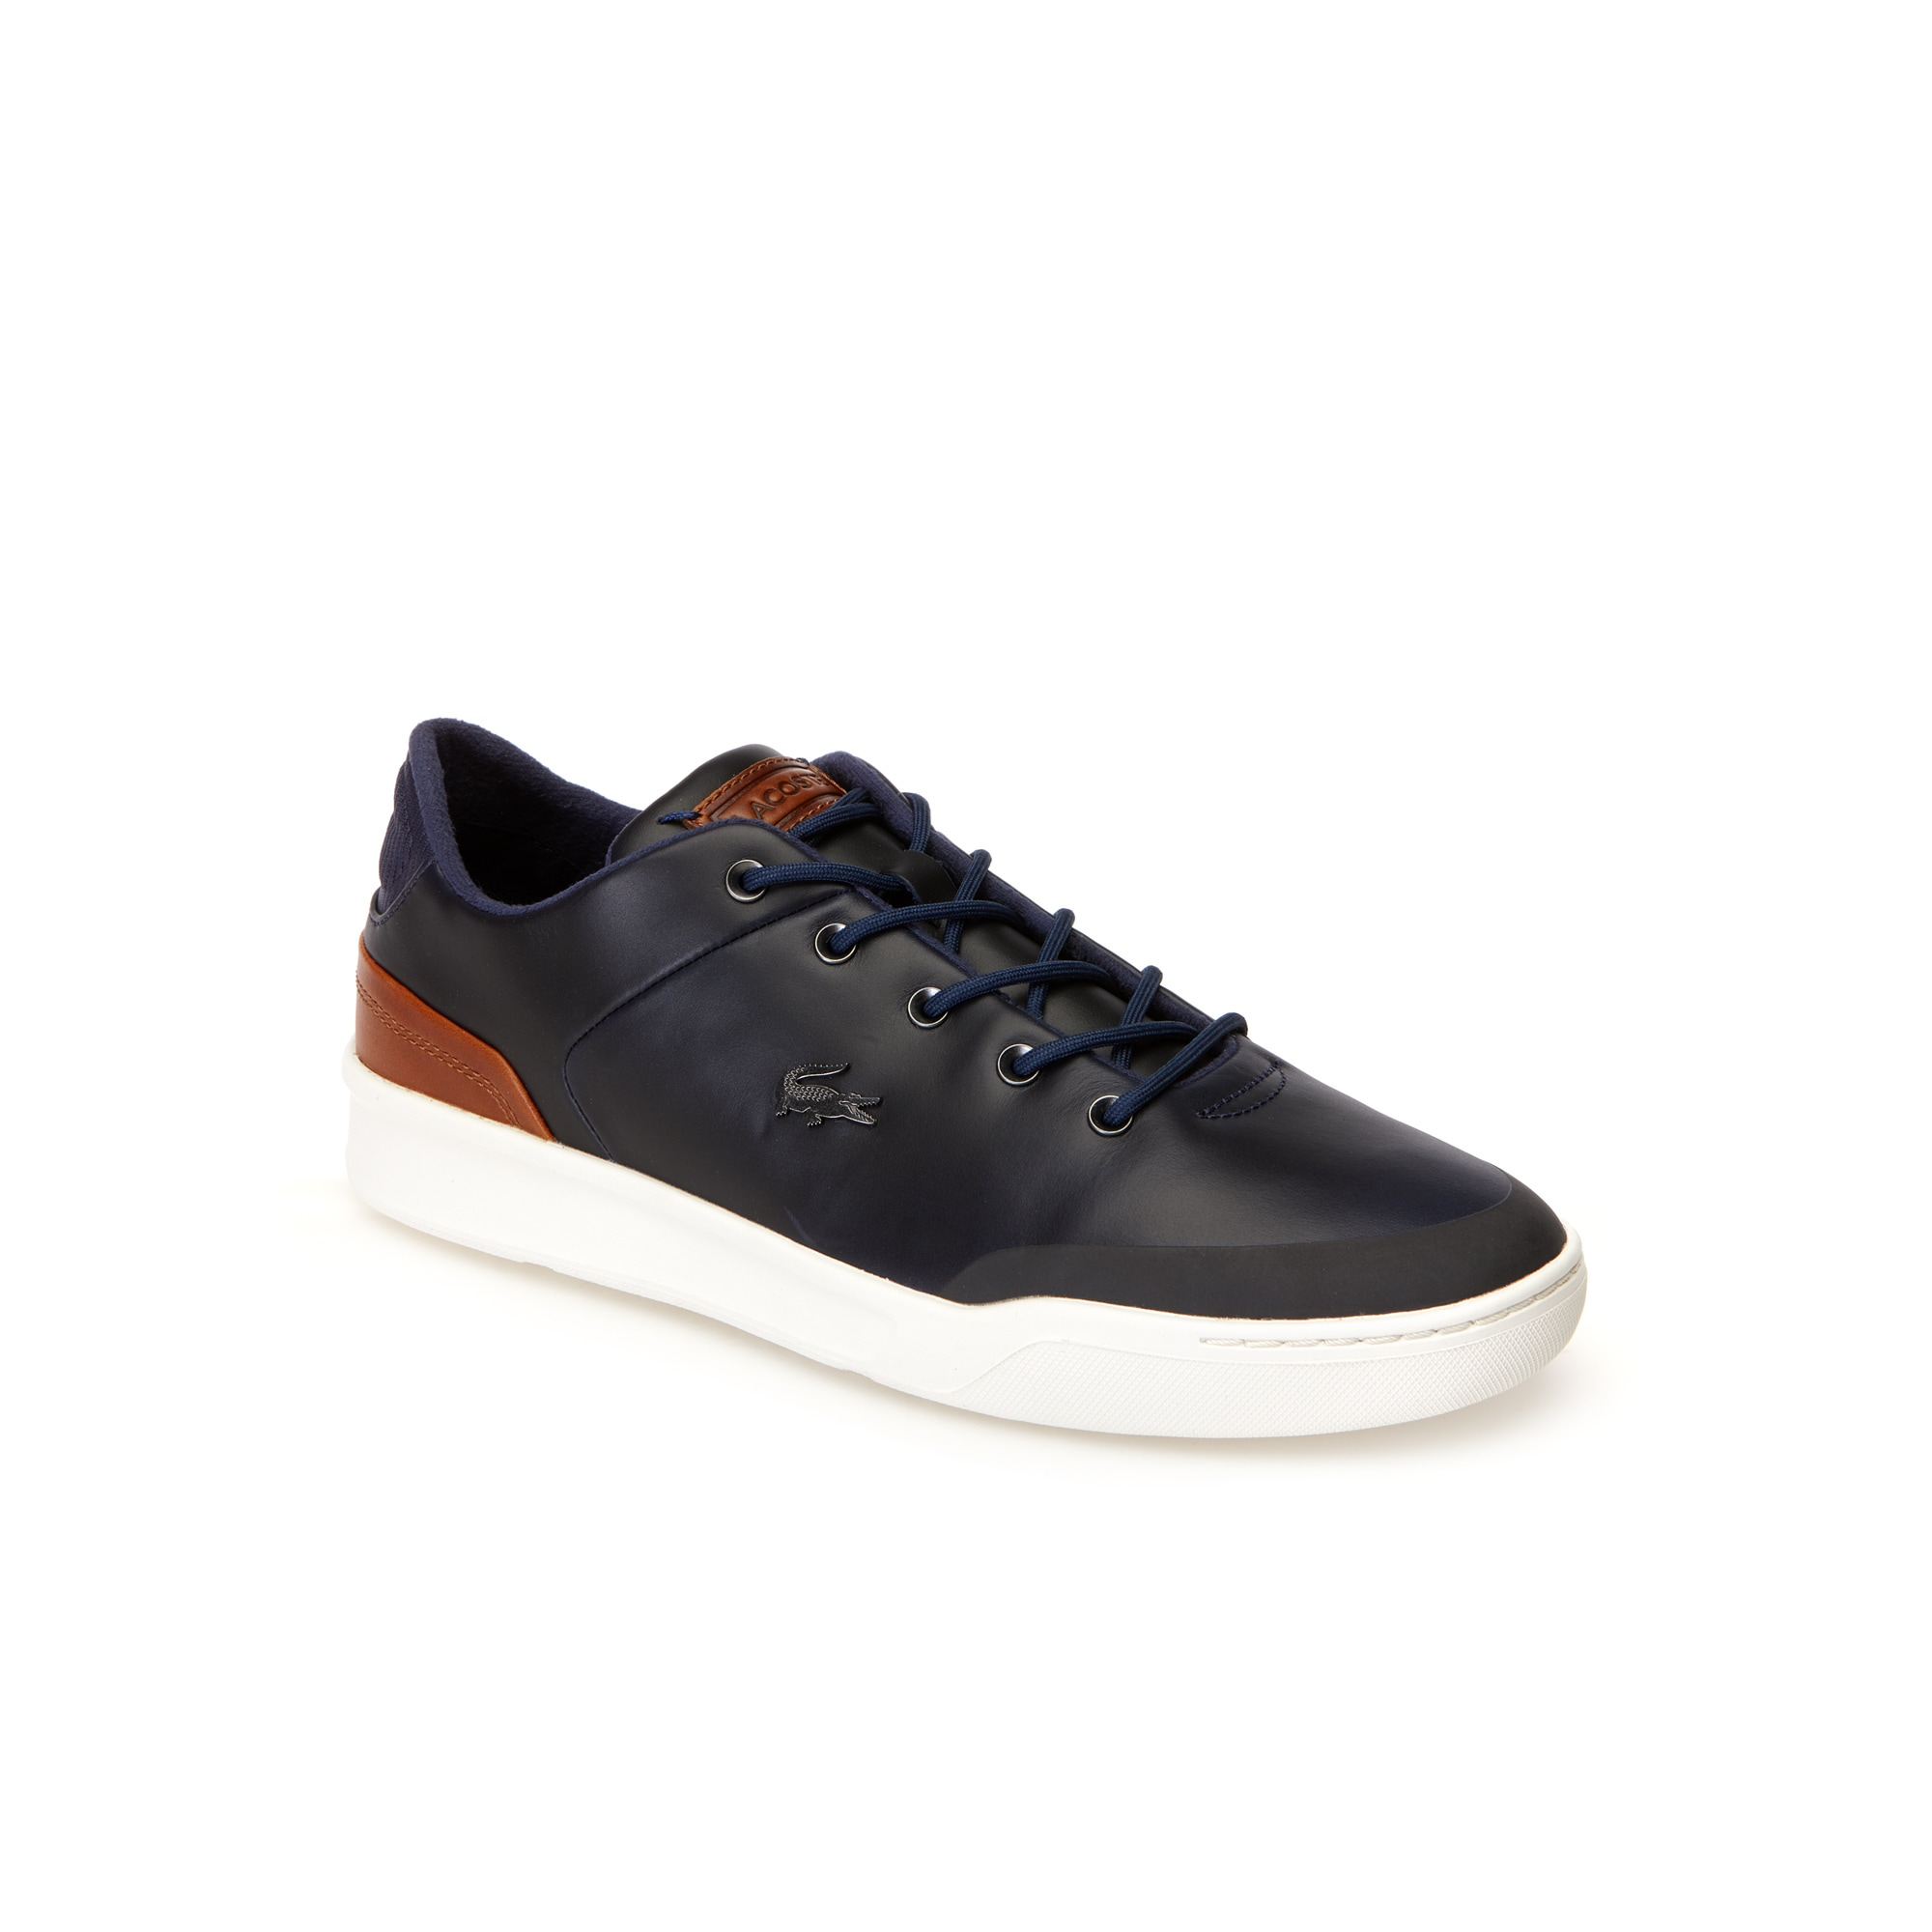 Sneakers Explorateur Classic L Aniline homme en cuir